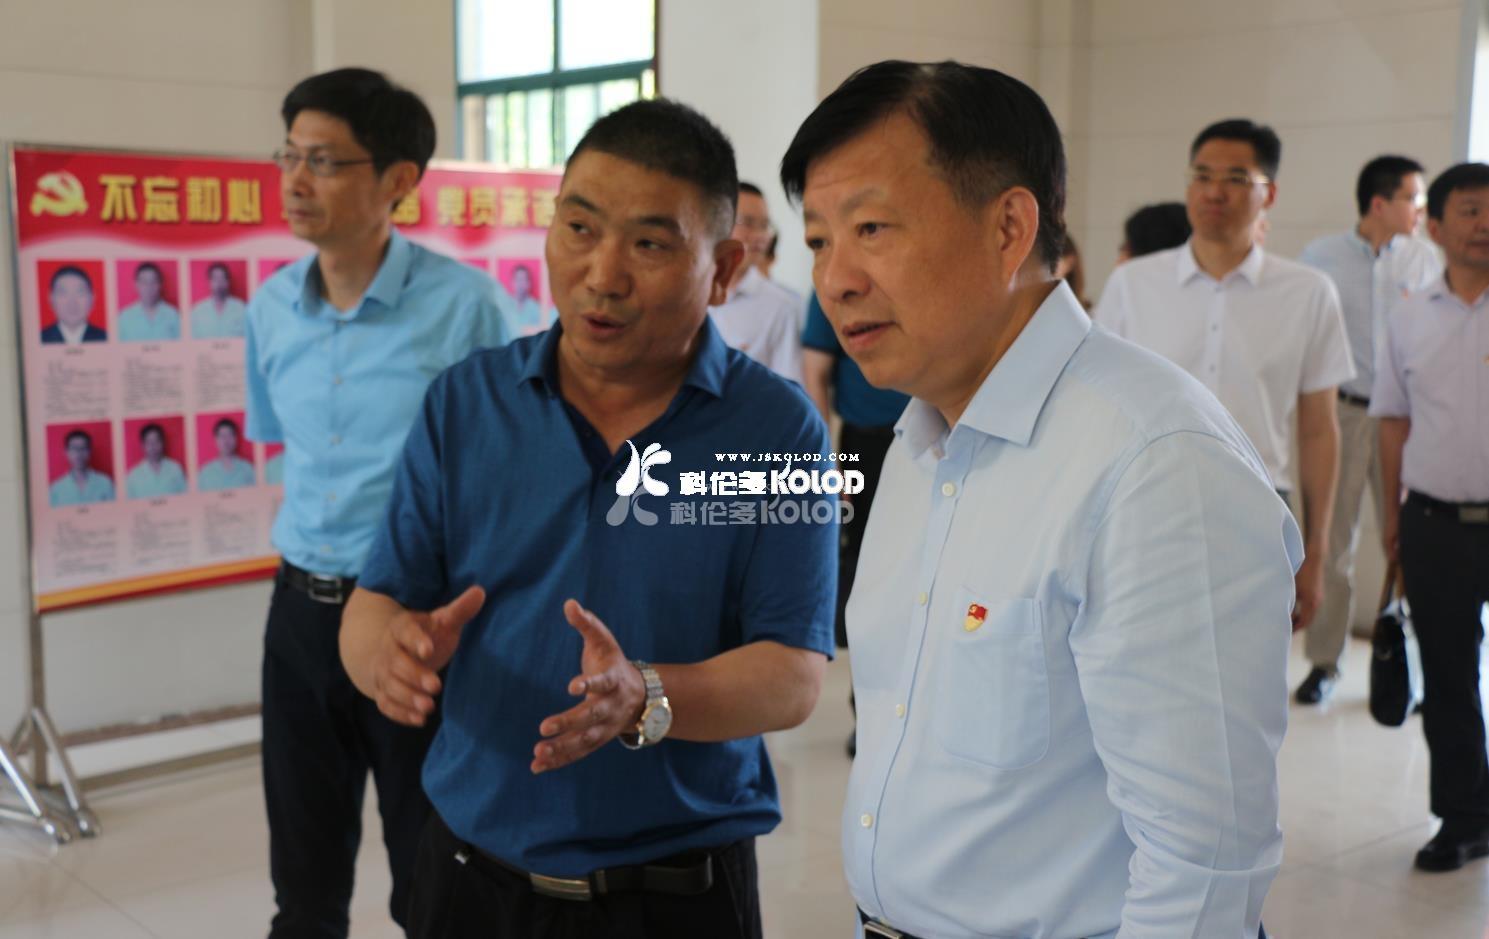 连云港市县及开发区领导一行三十多人莅临科伦多视察调研